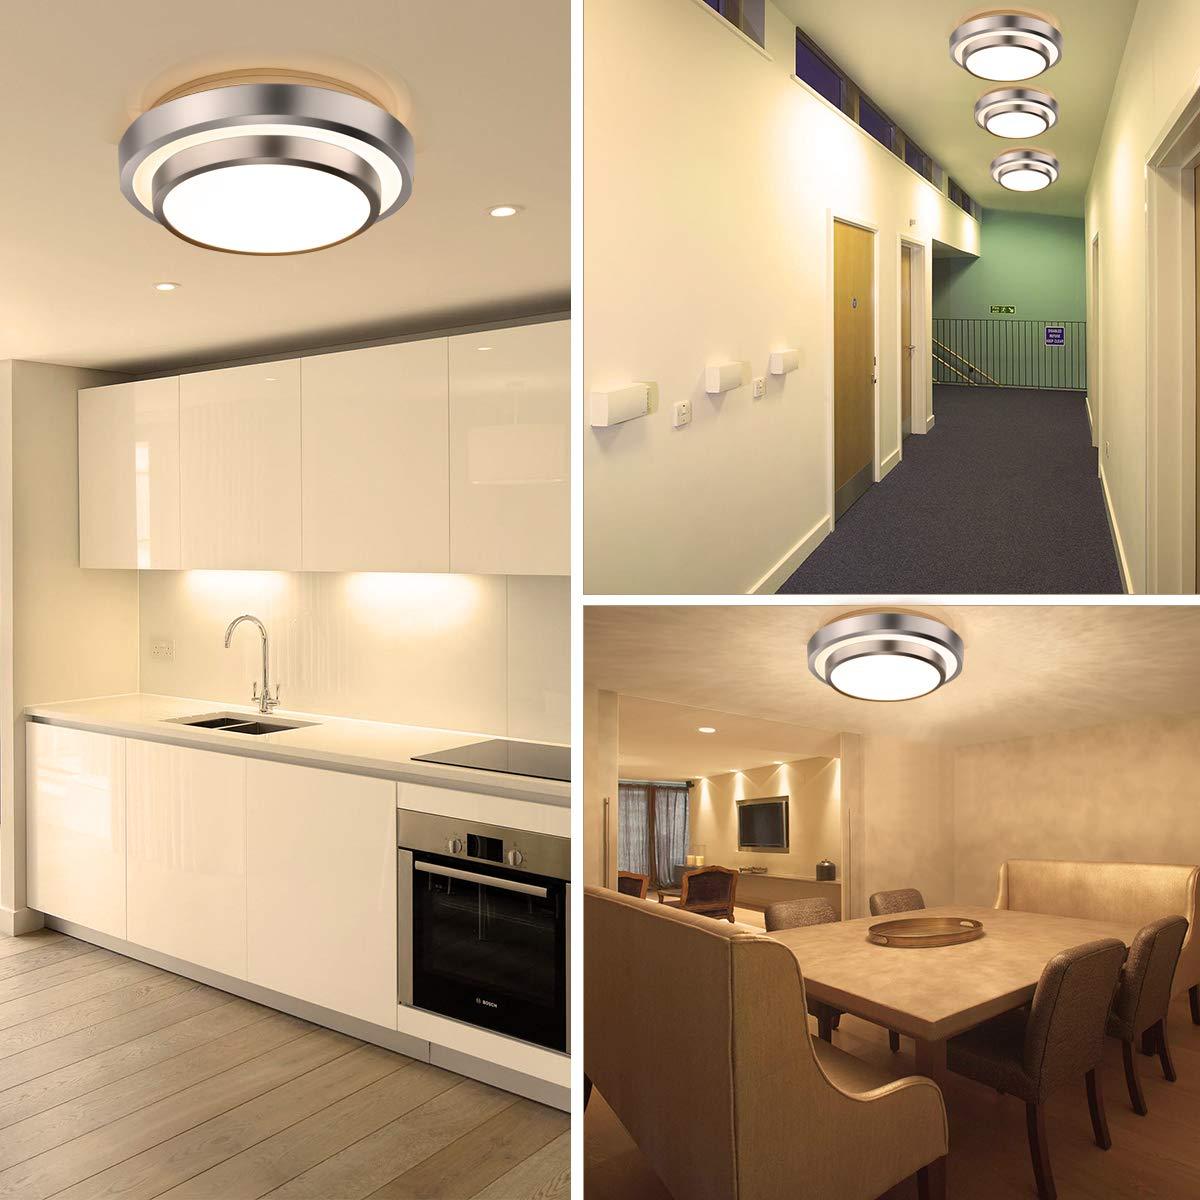 12W Led Ceiling Light 10\